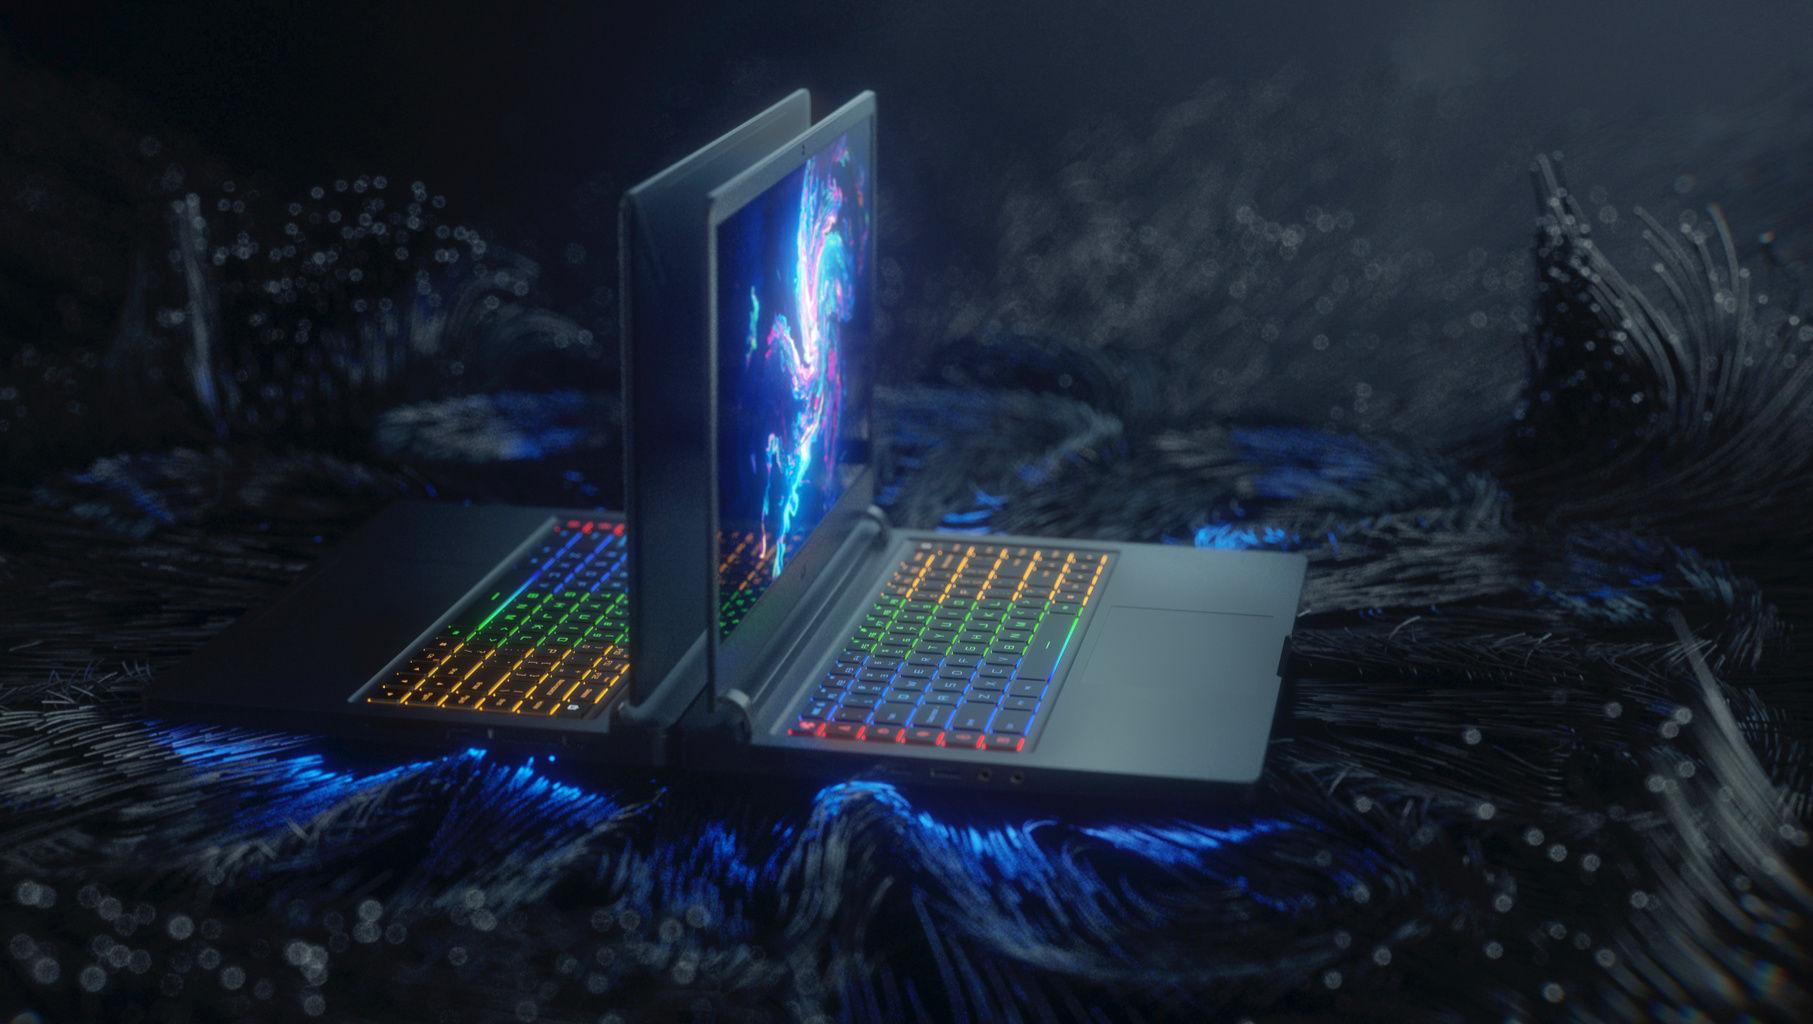 笔记本散热性能_小米发布两款笔记本电脑新品:游戏本用上八代酷睿,轻薄本 ...